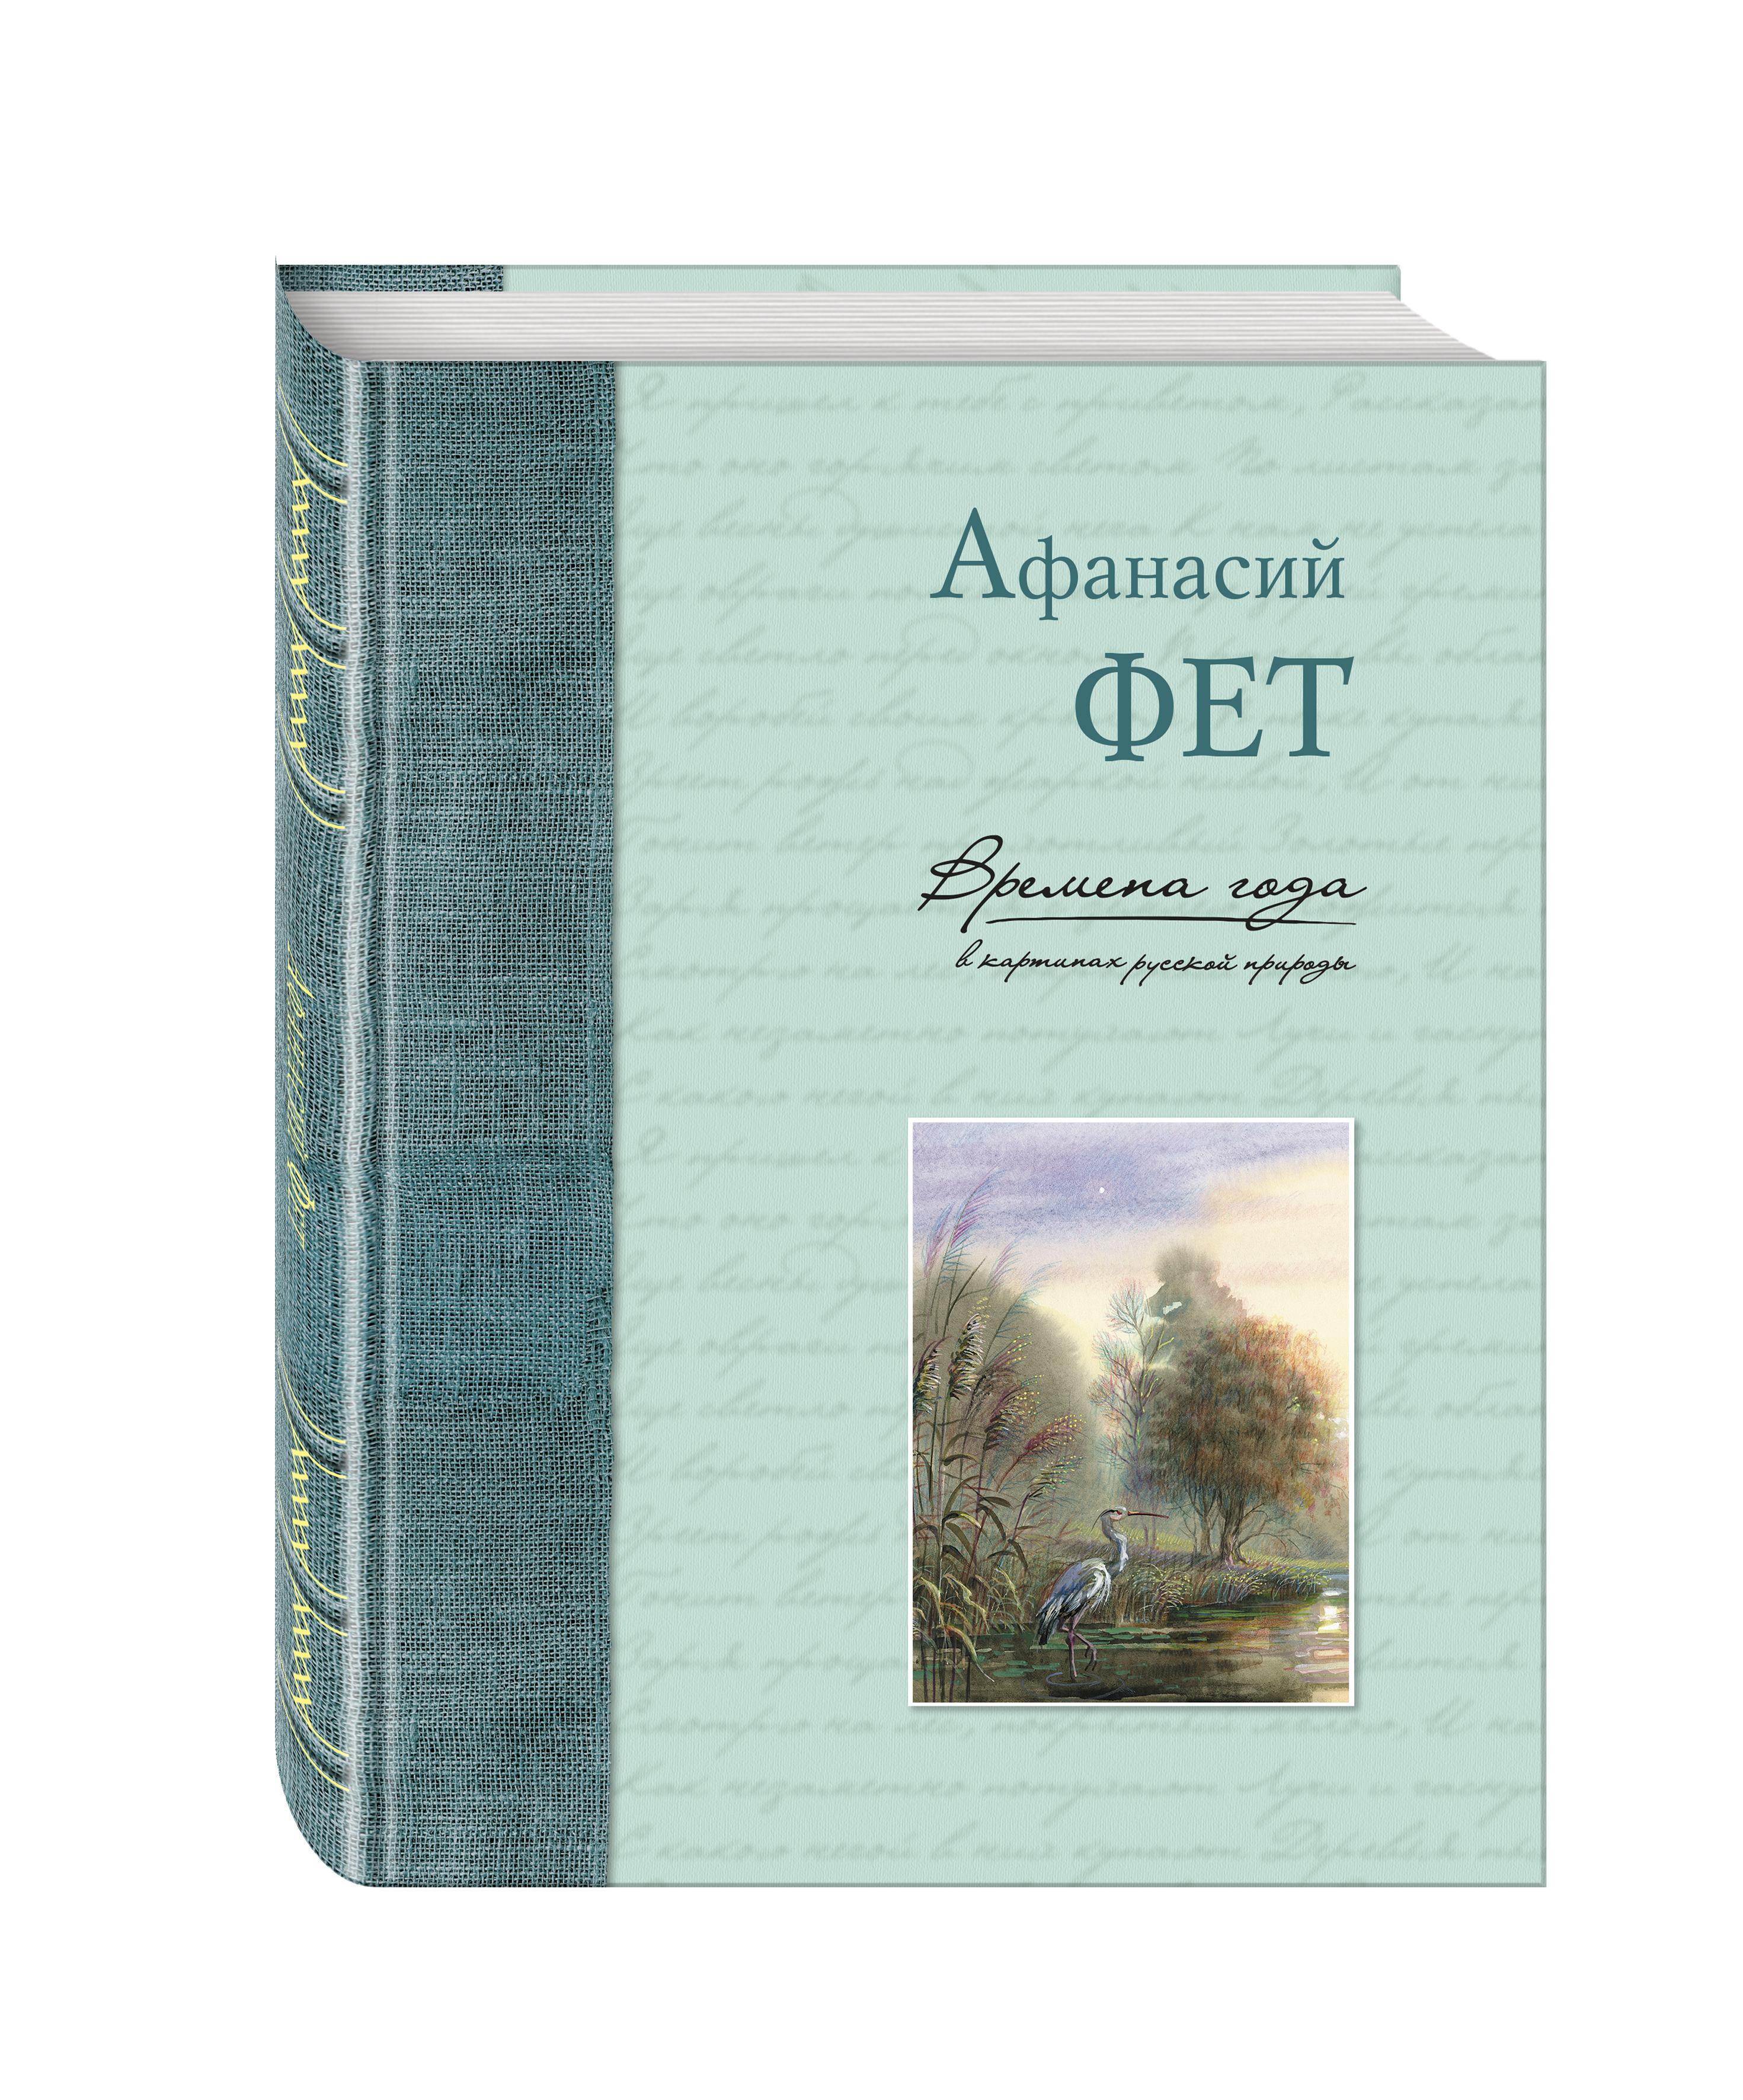 Фет А.А. Времена года в картинах русской природы